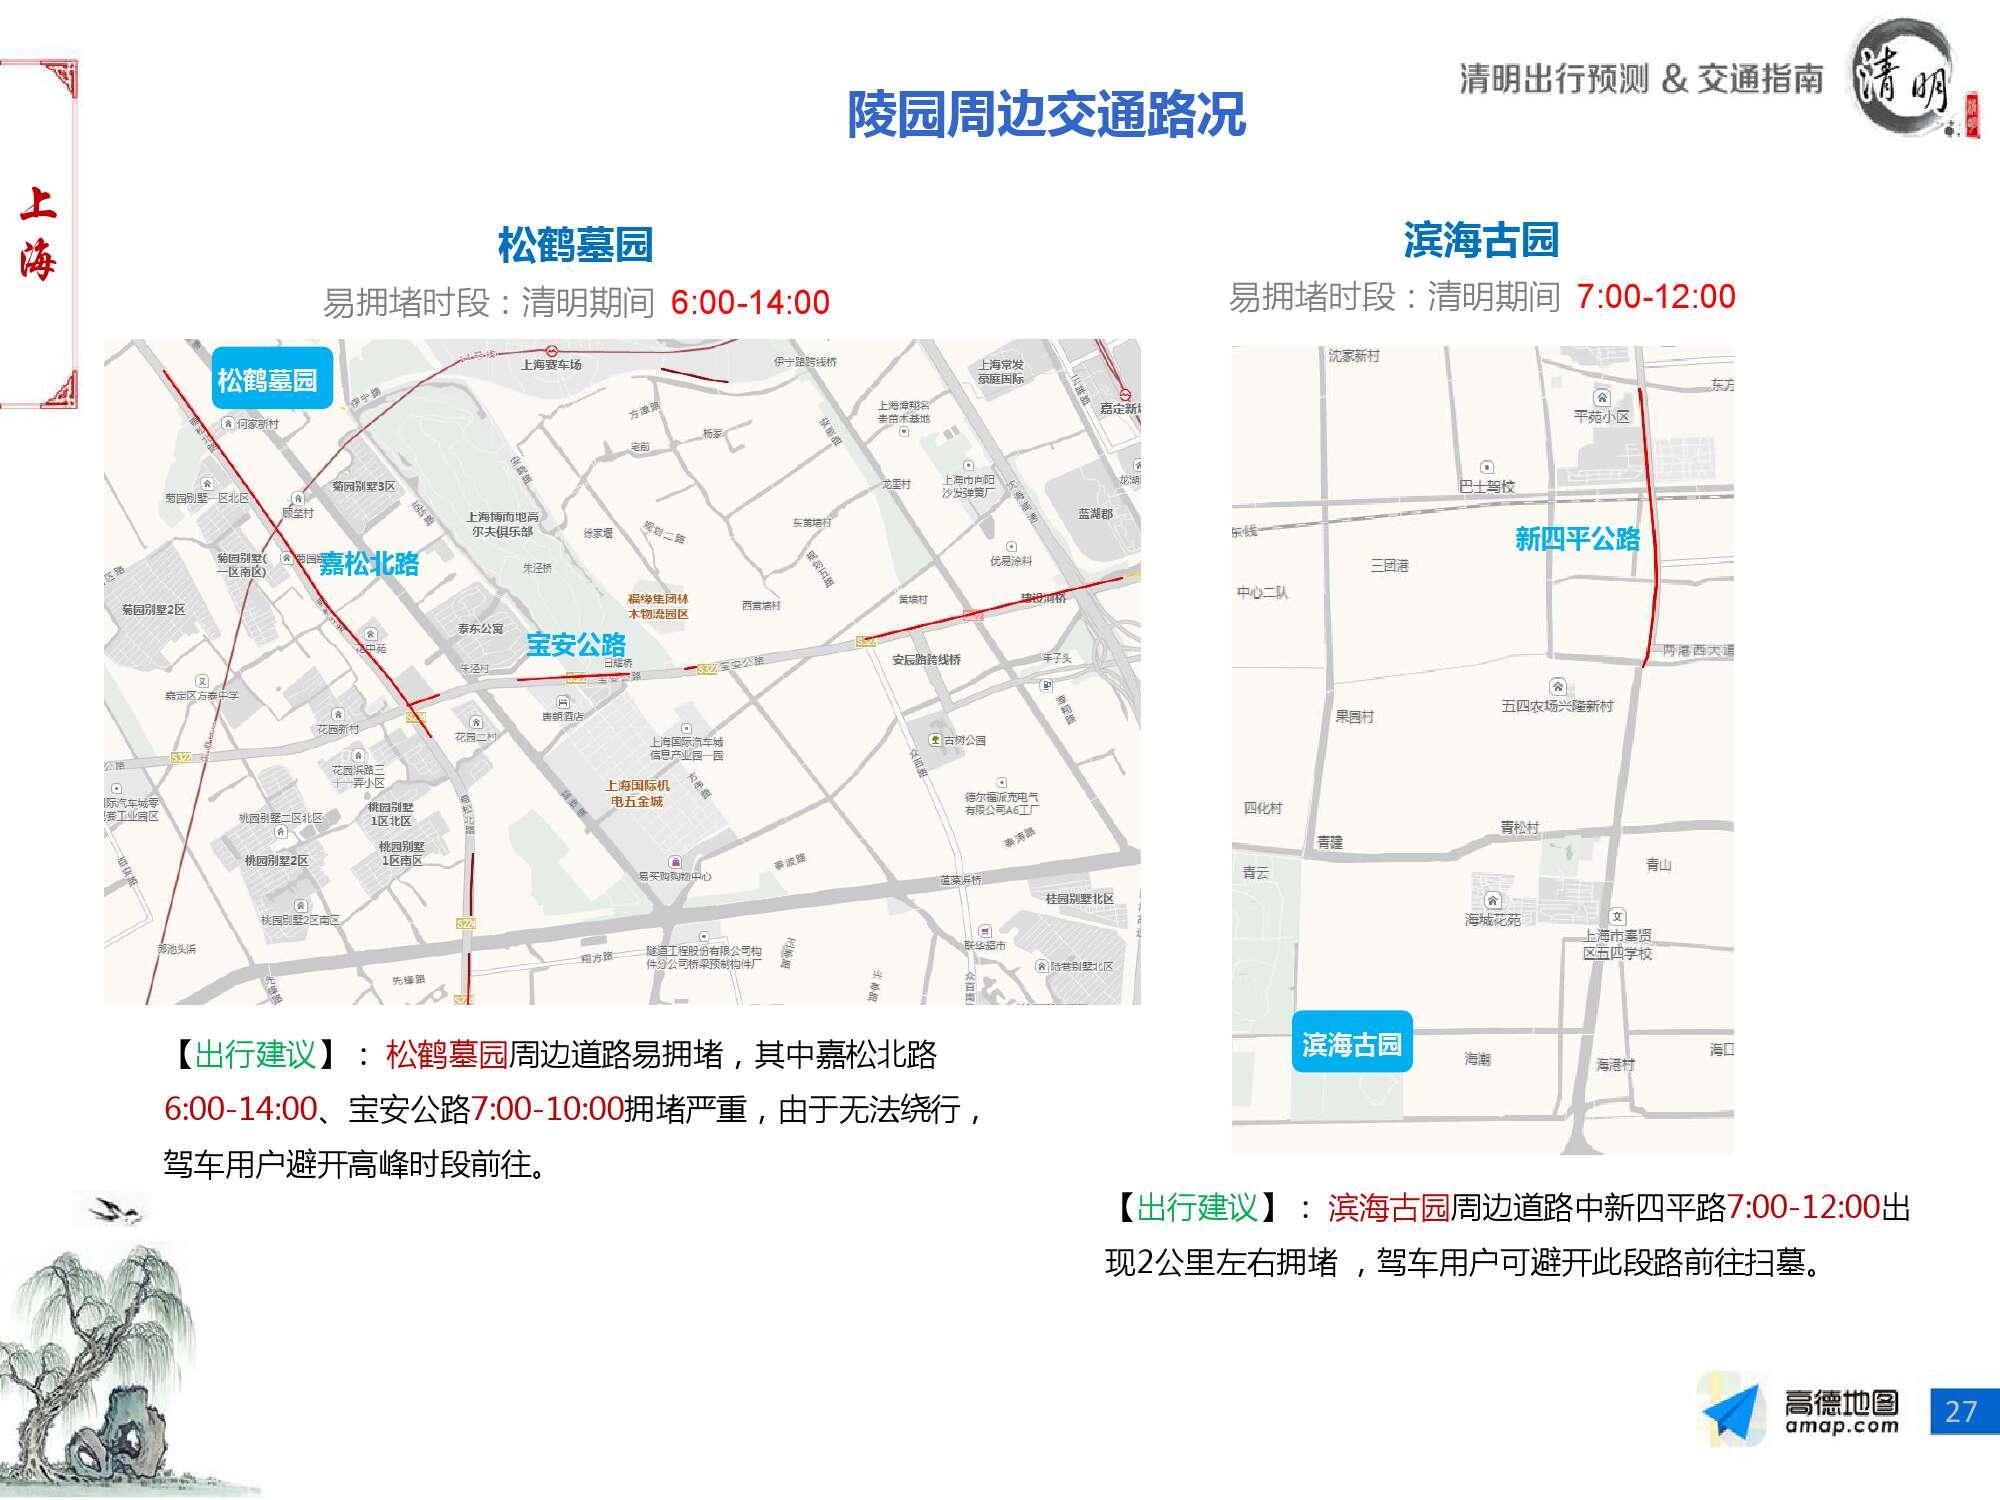 2016年清明节出行预测报告-final_000027